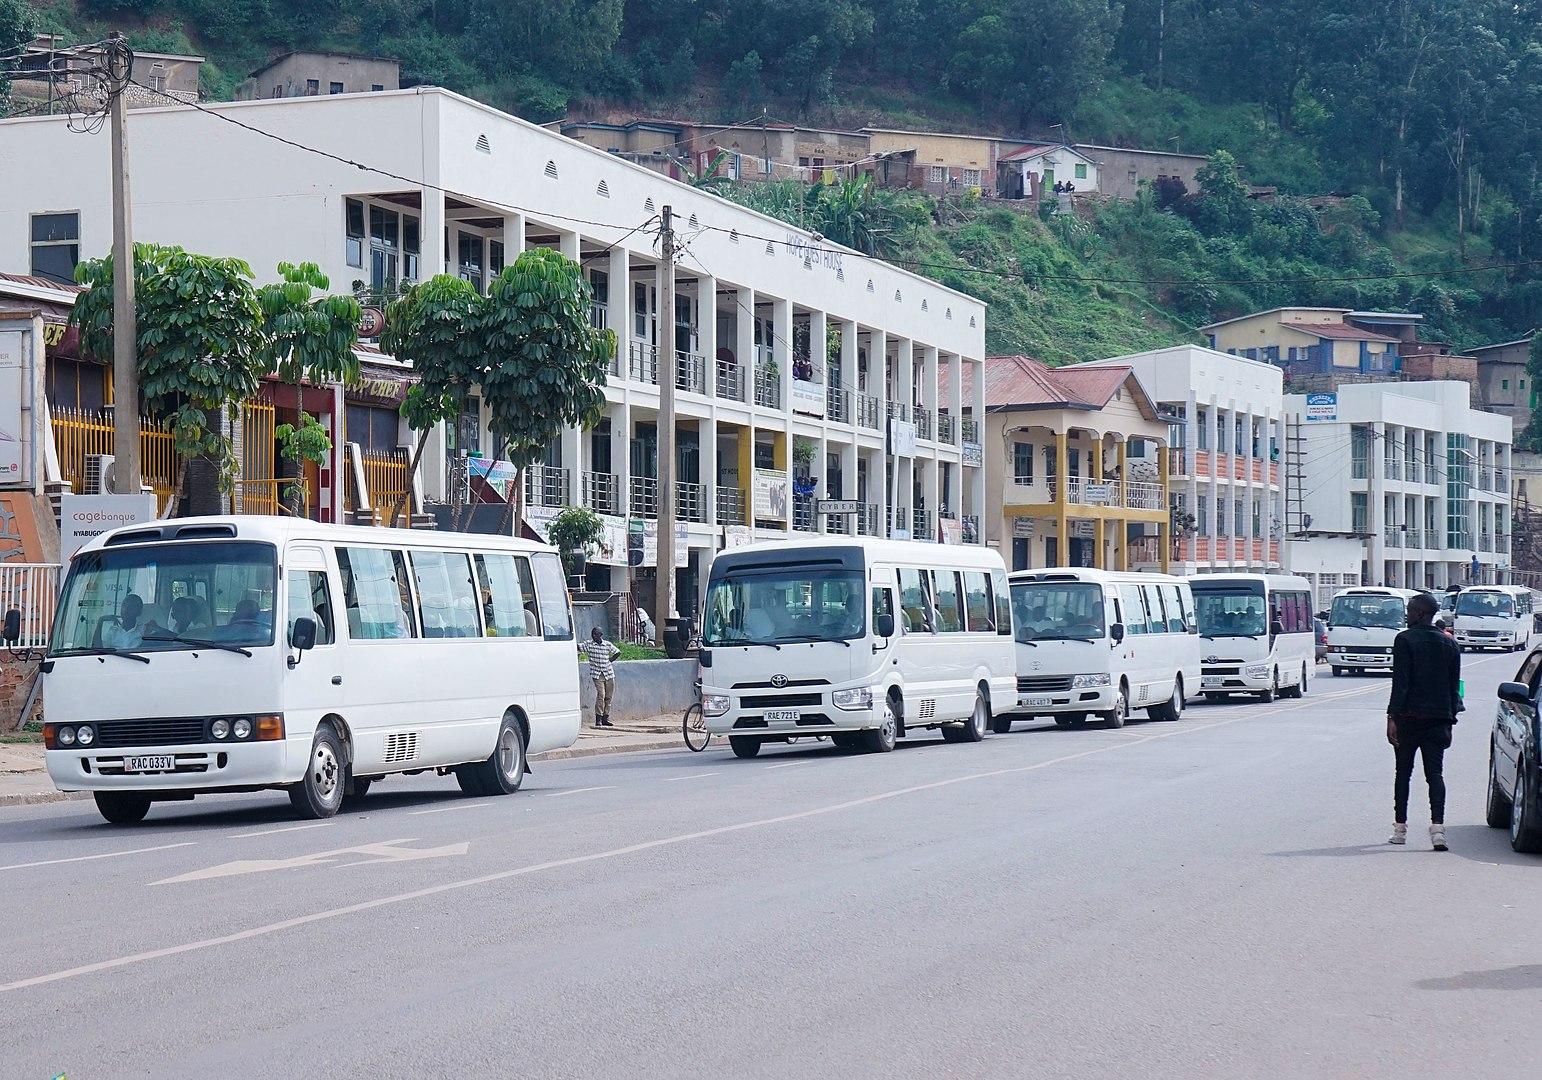 200506 -Rapatriement internes écoles secondaires Kigali 16 mars 2020 by Happyartst CC BY-SA 4.0 - La Déviation